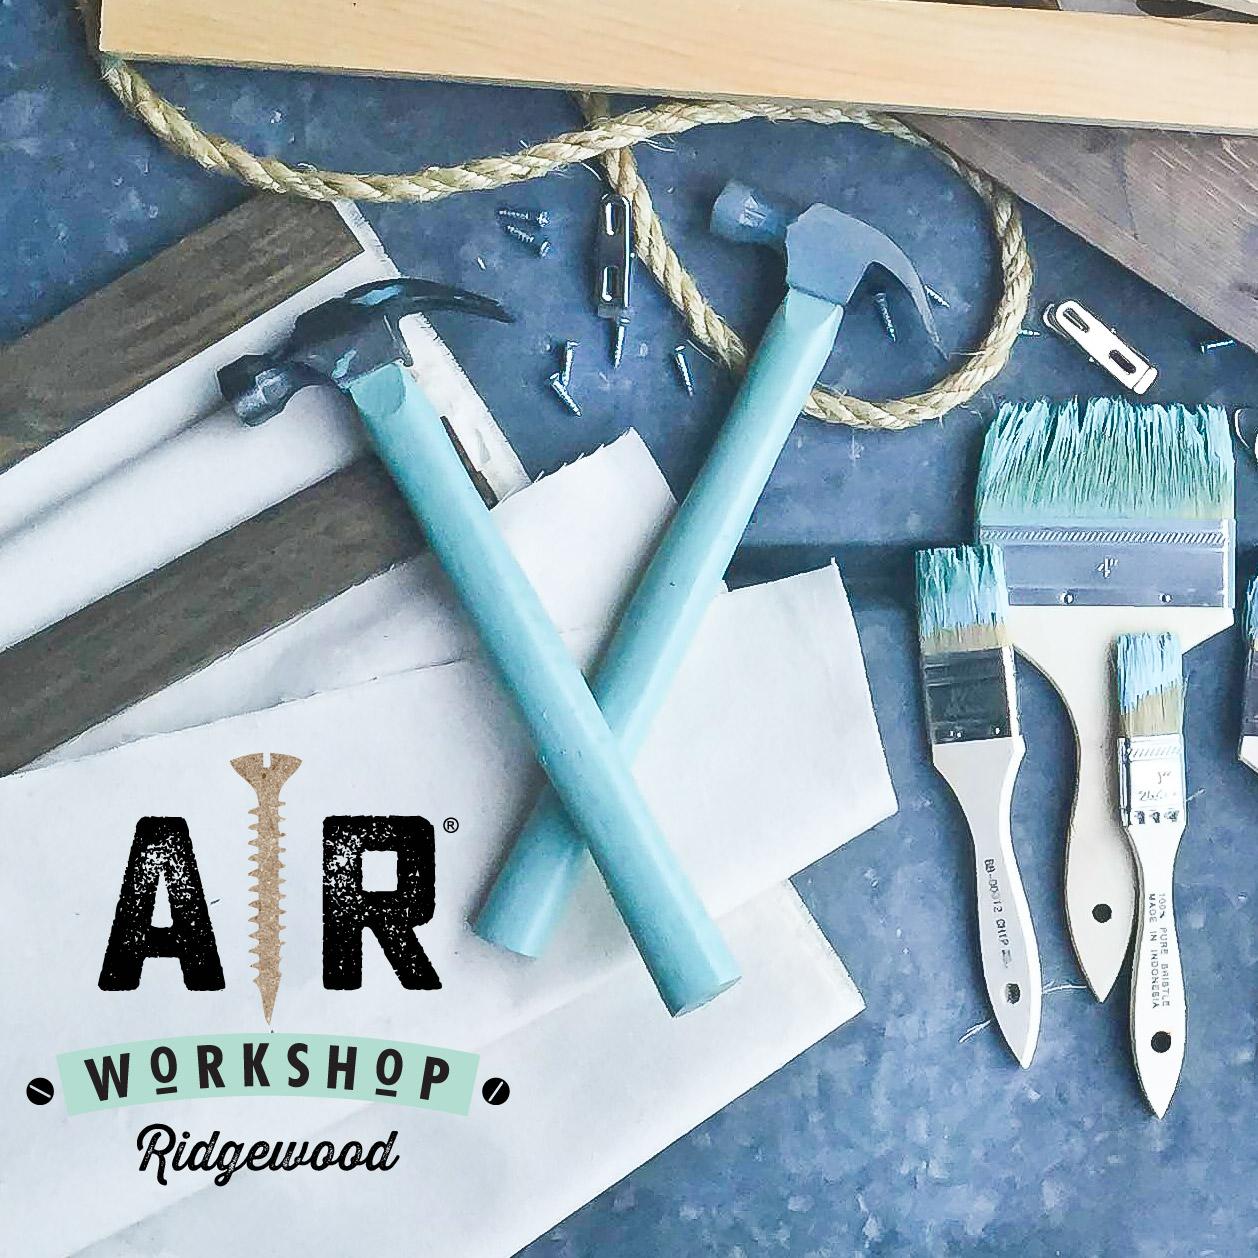 arw-tools-ridgewood-01.jpg